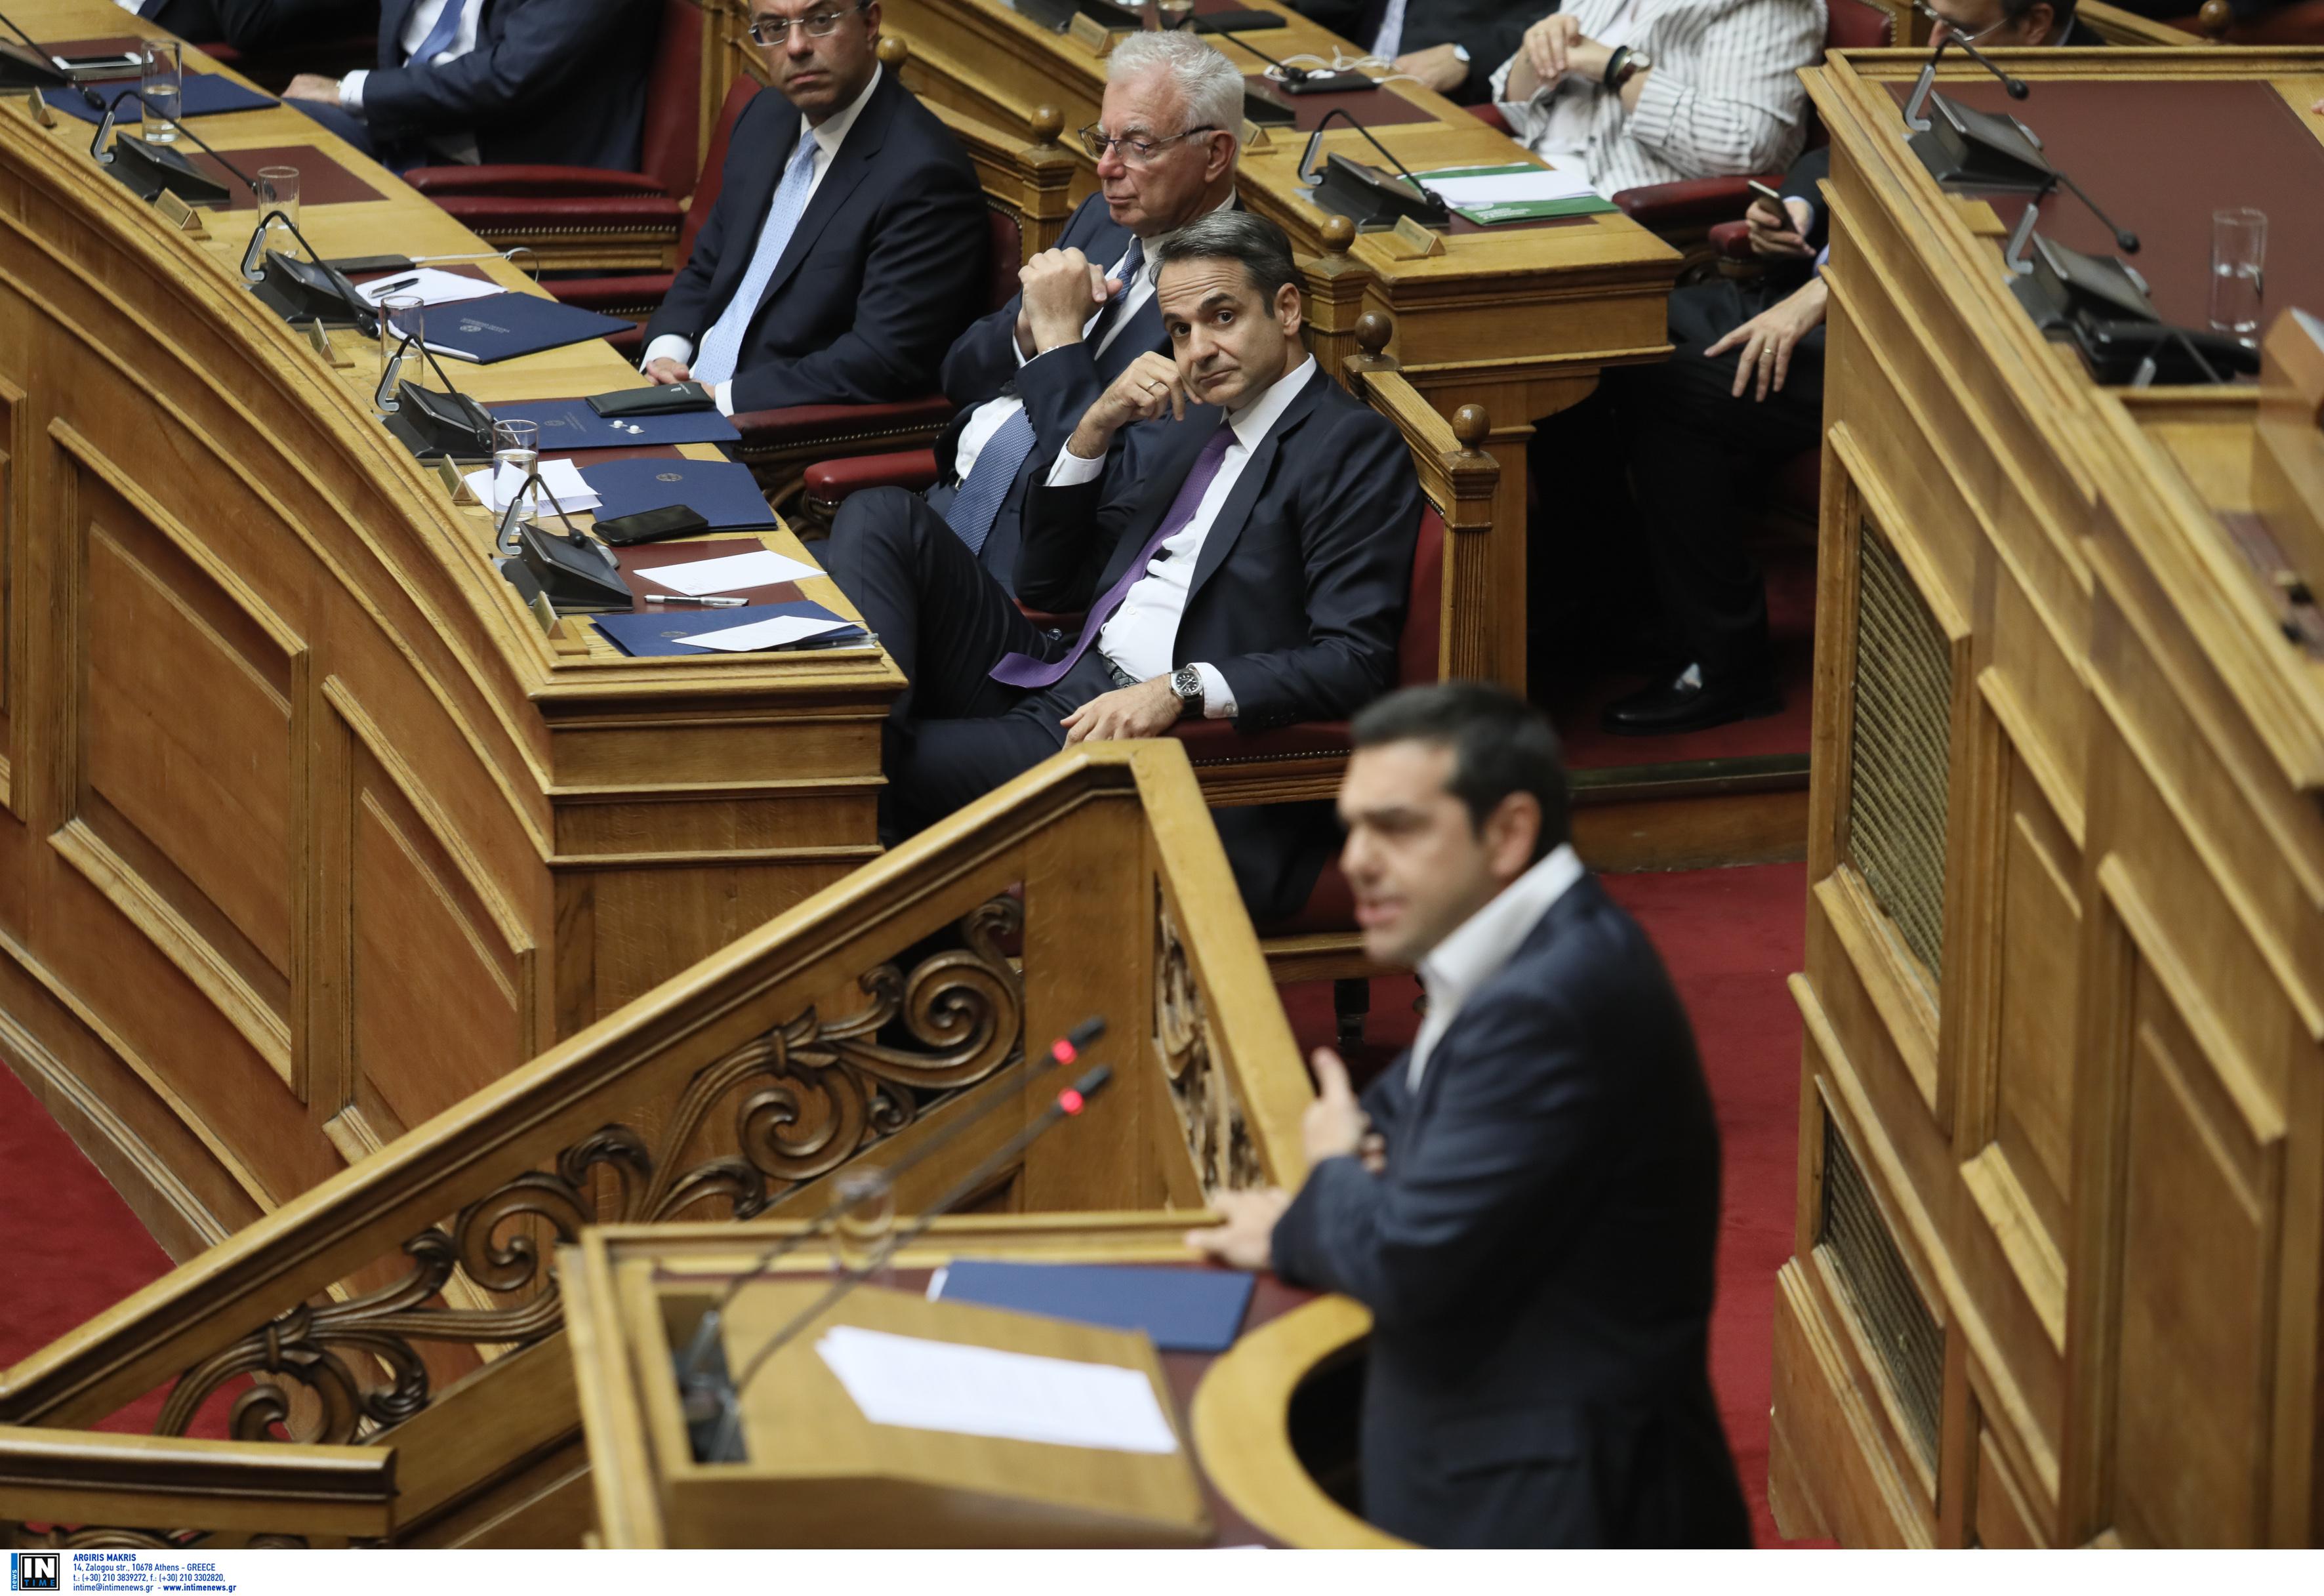 Σύγκρουση μέχρις εσχάτων ΝΔ και ΣΥΡΙΖΑ για Καλογρίτσα, Παππά και… κοριούς